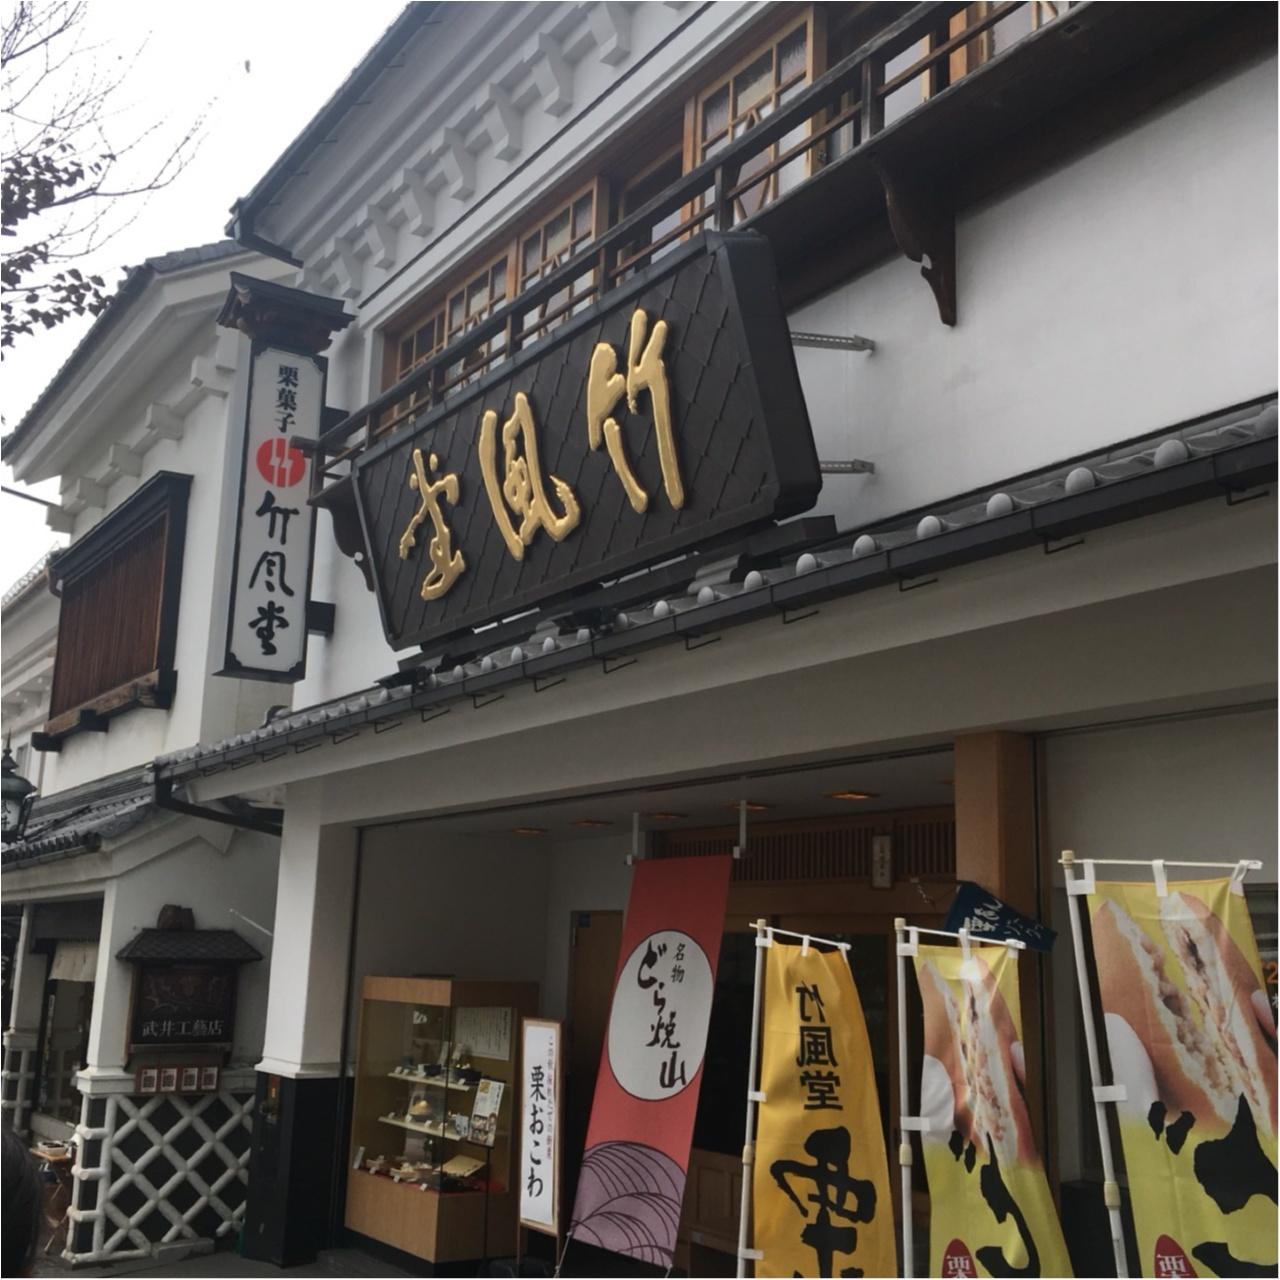 長野へ行ったらぜひ食べて欲しい!秋の味覚を堪能できるソフトクリーム♡_2